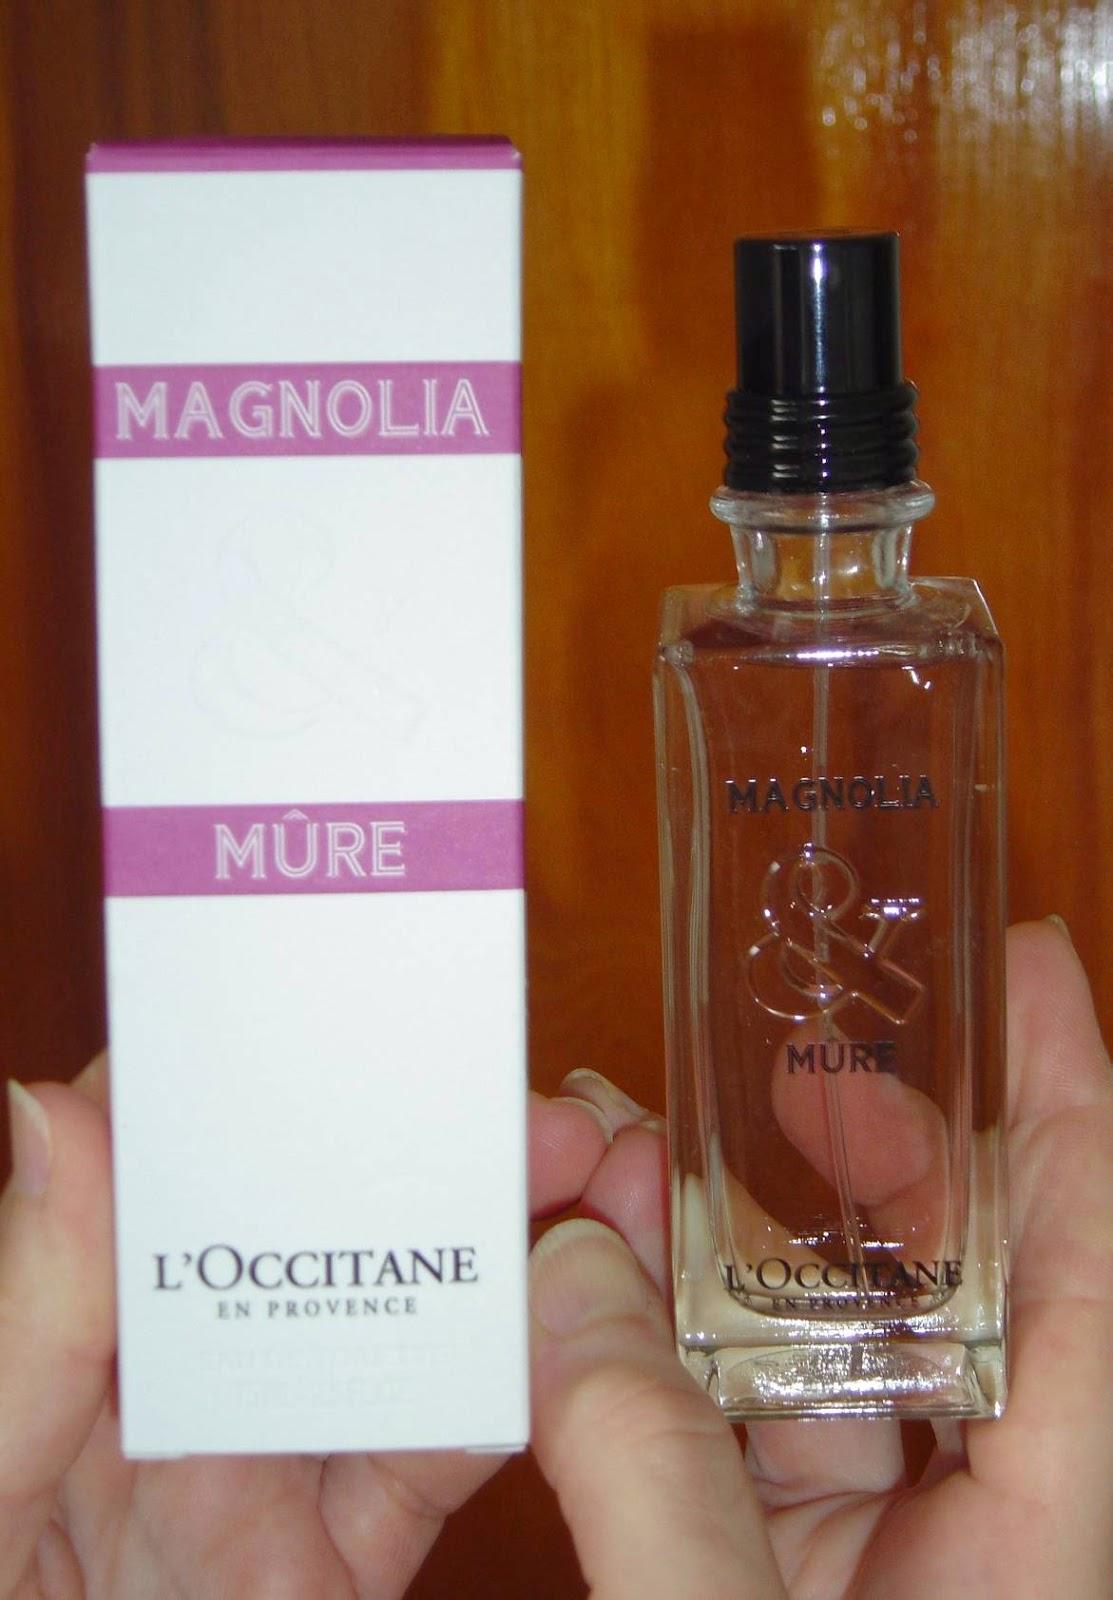 Magnolia & Mure Eau de Toilette